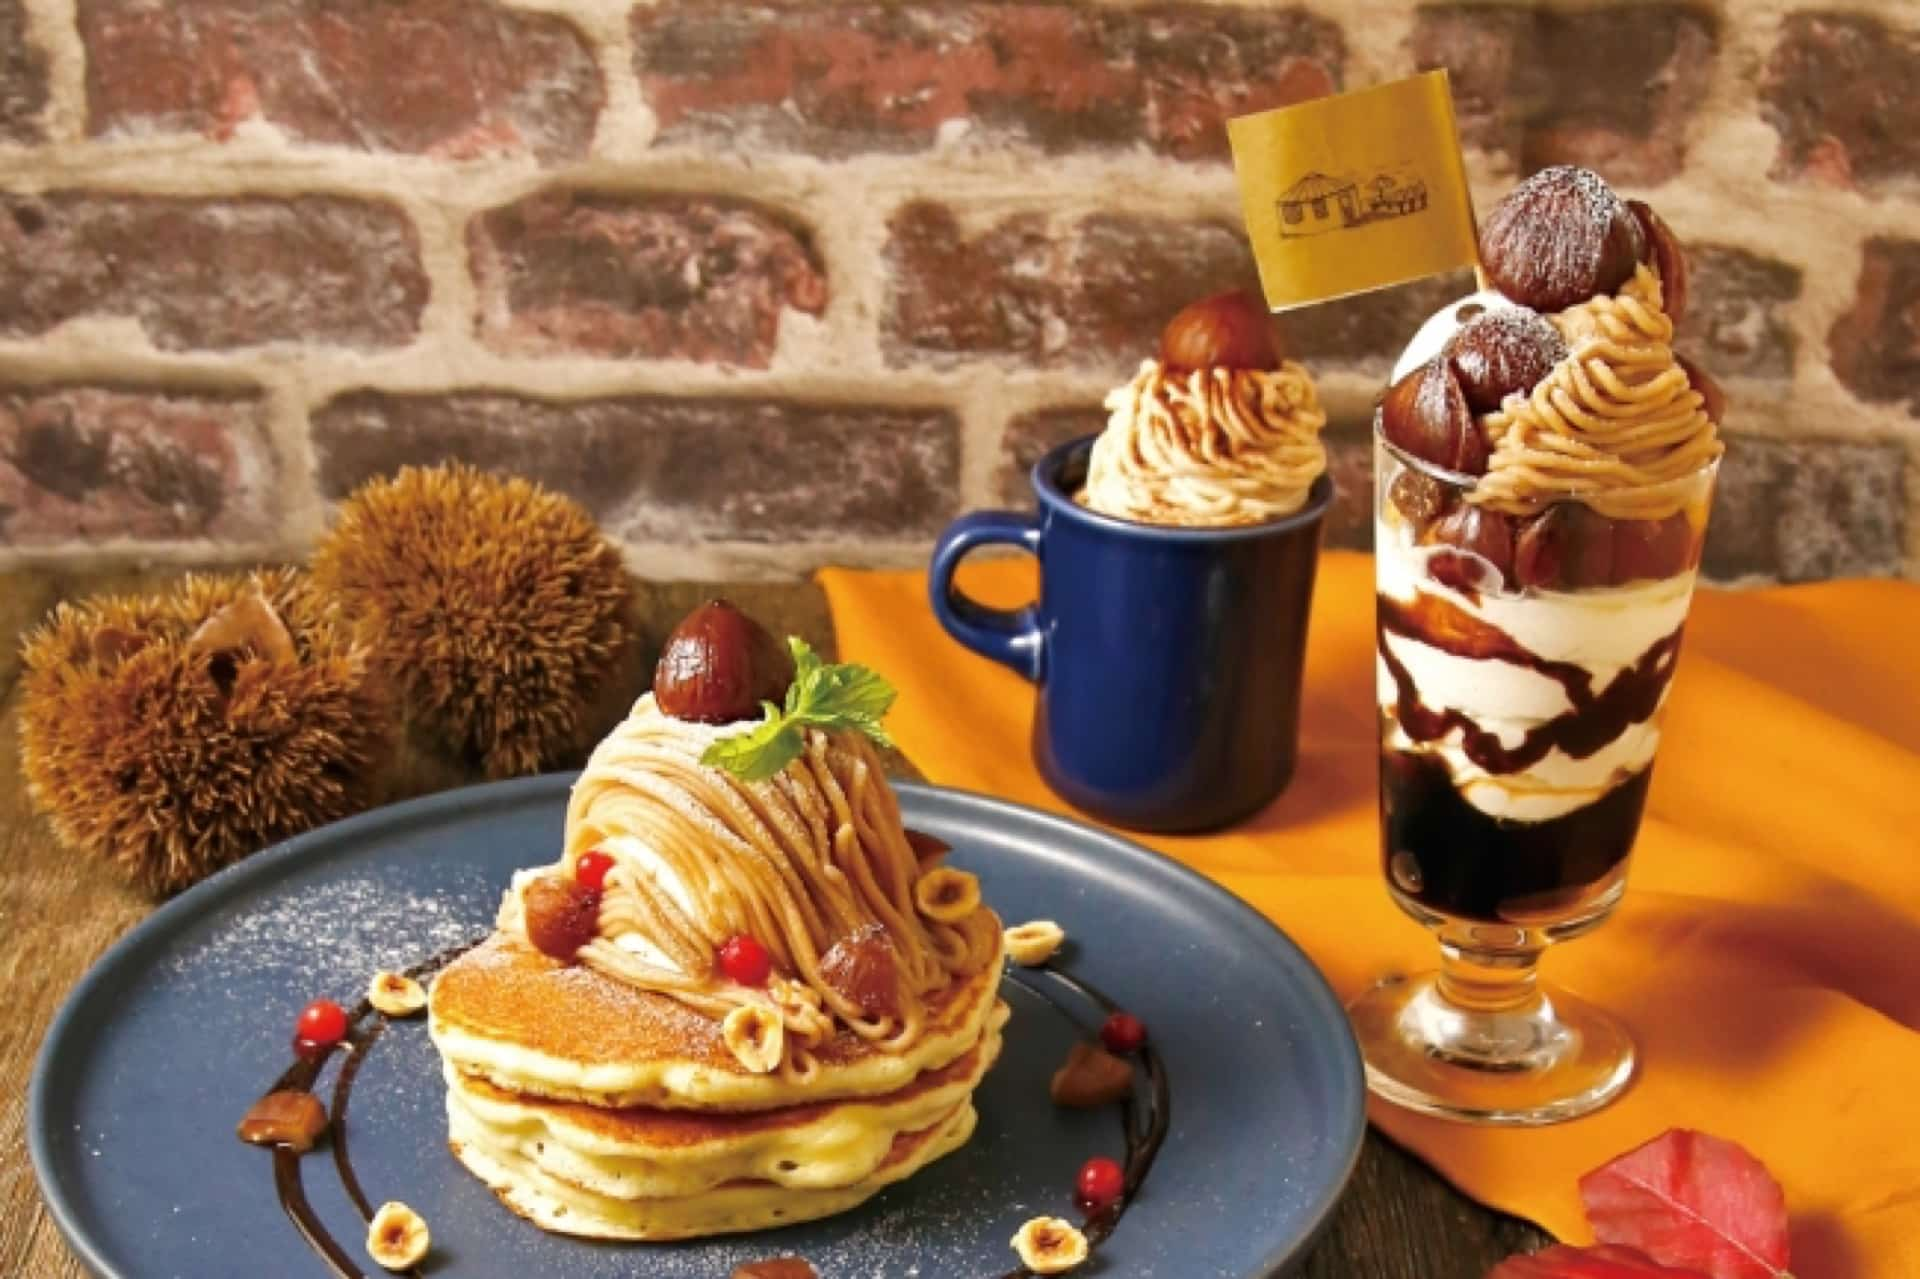 YURT(ユルト)でモンブランづくしの2019年秋スイーツが登場。ボンボンパフェやパンケーキも